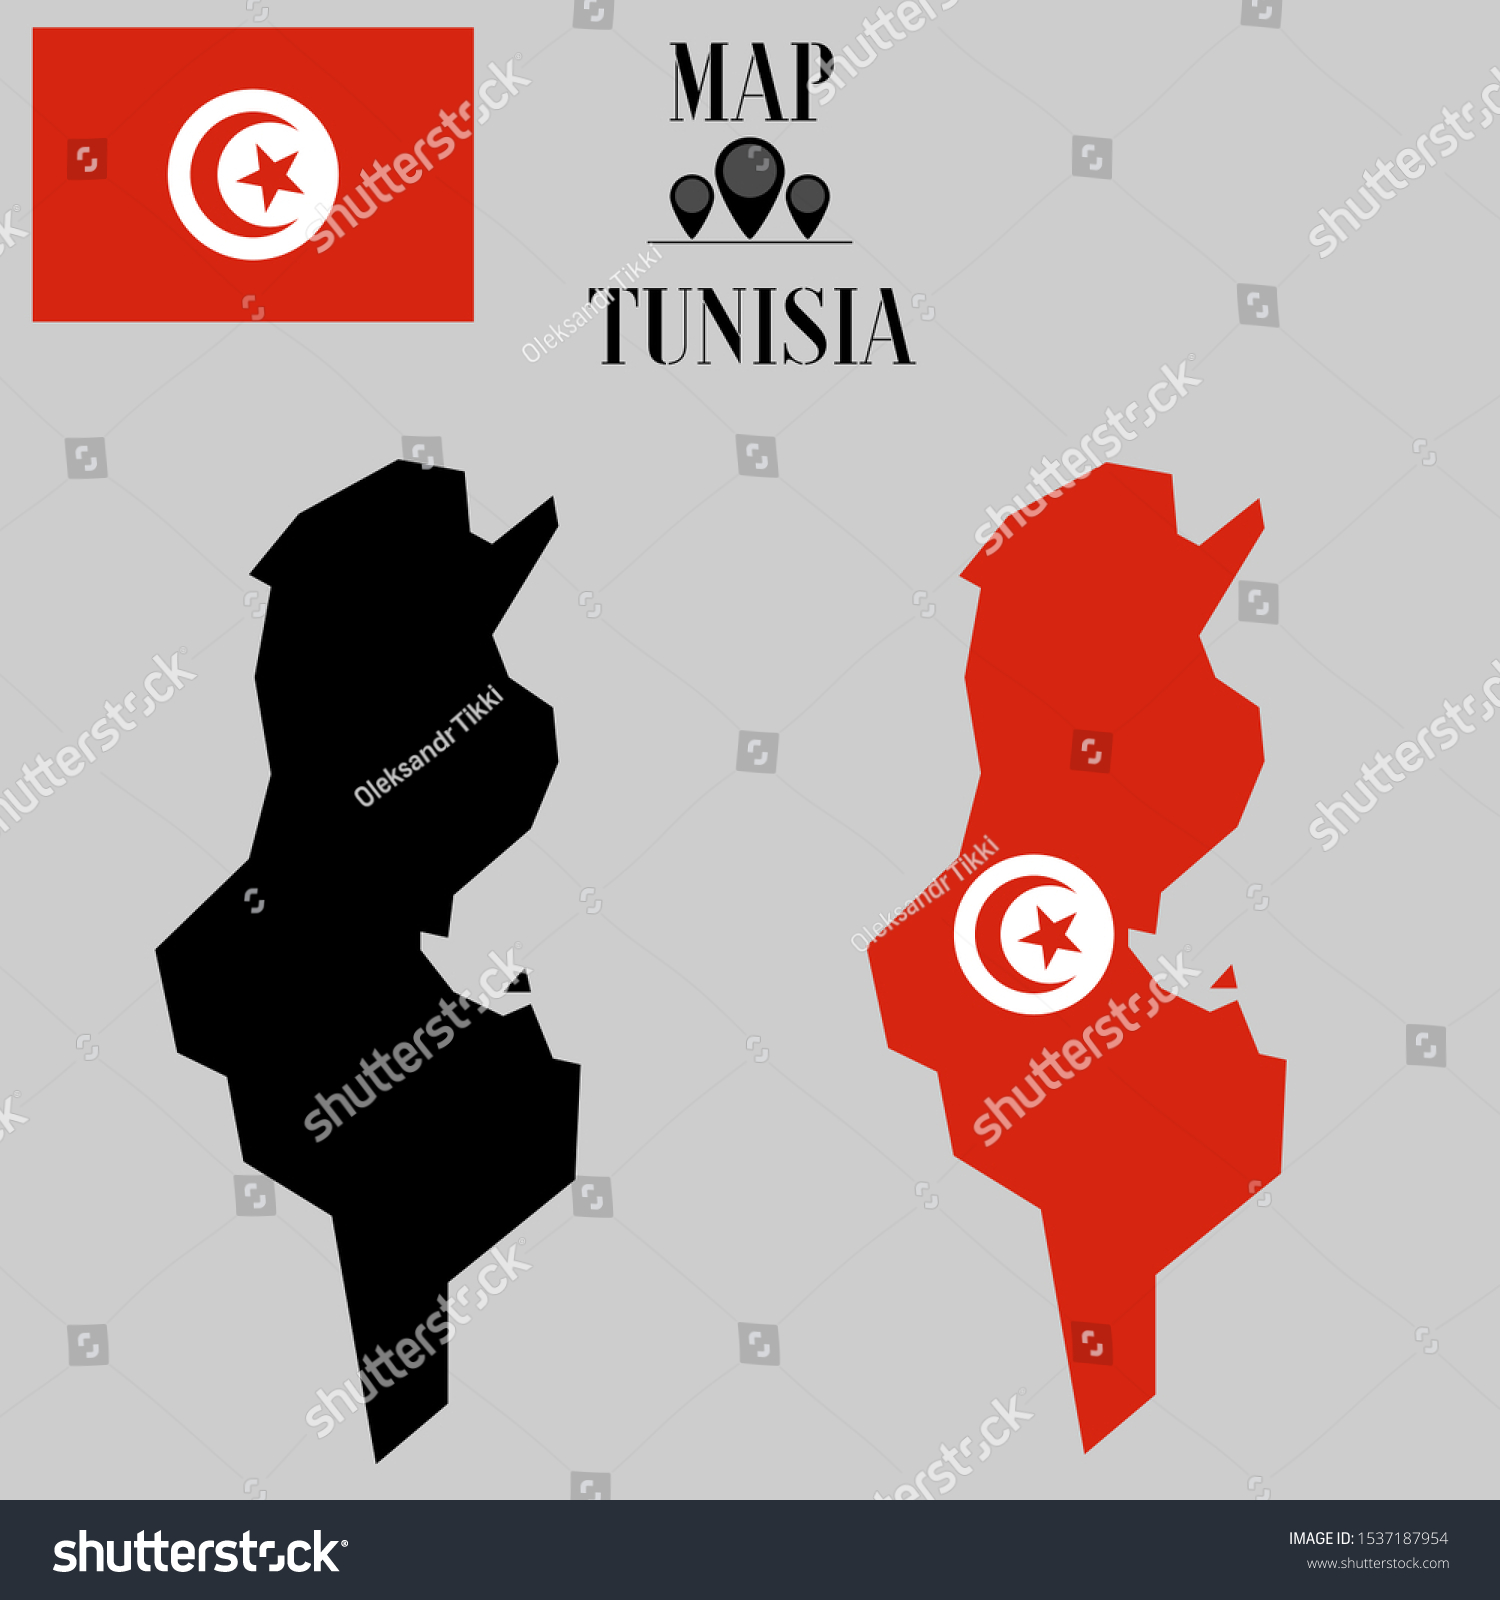 Vector De Stock Libre De Regalias Sobre African Tunisia Outline World Map Silhouette1537187954